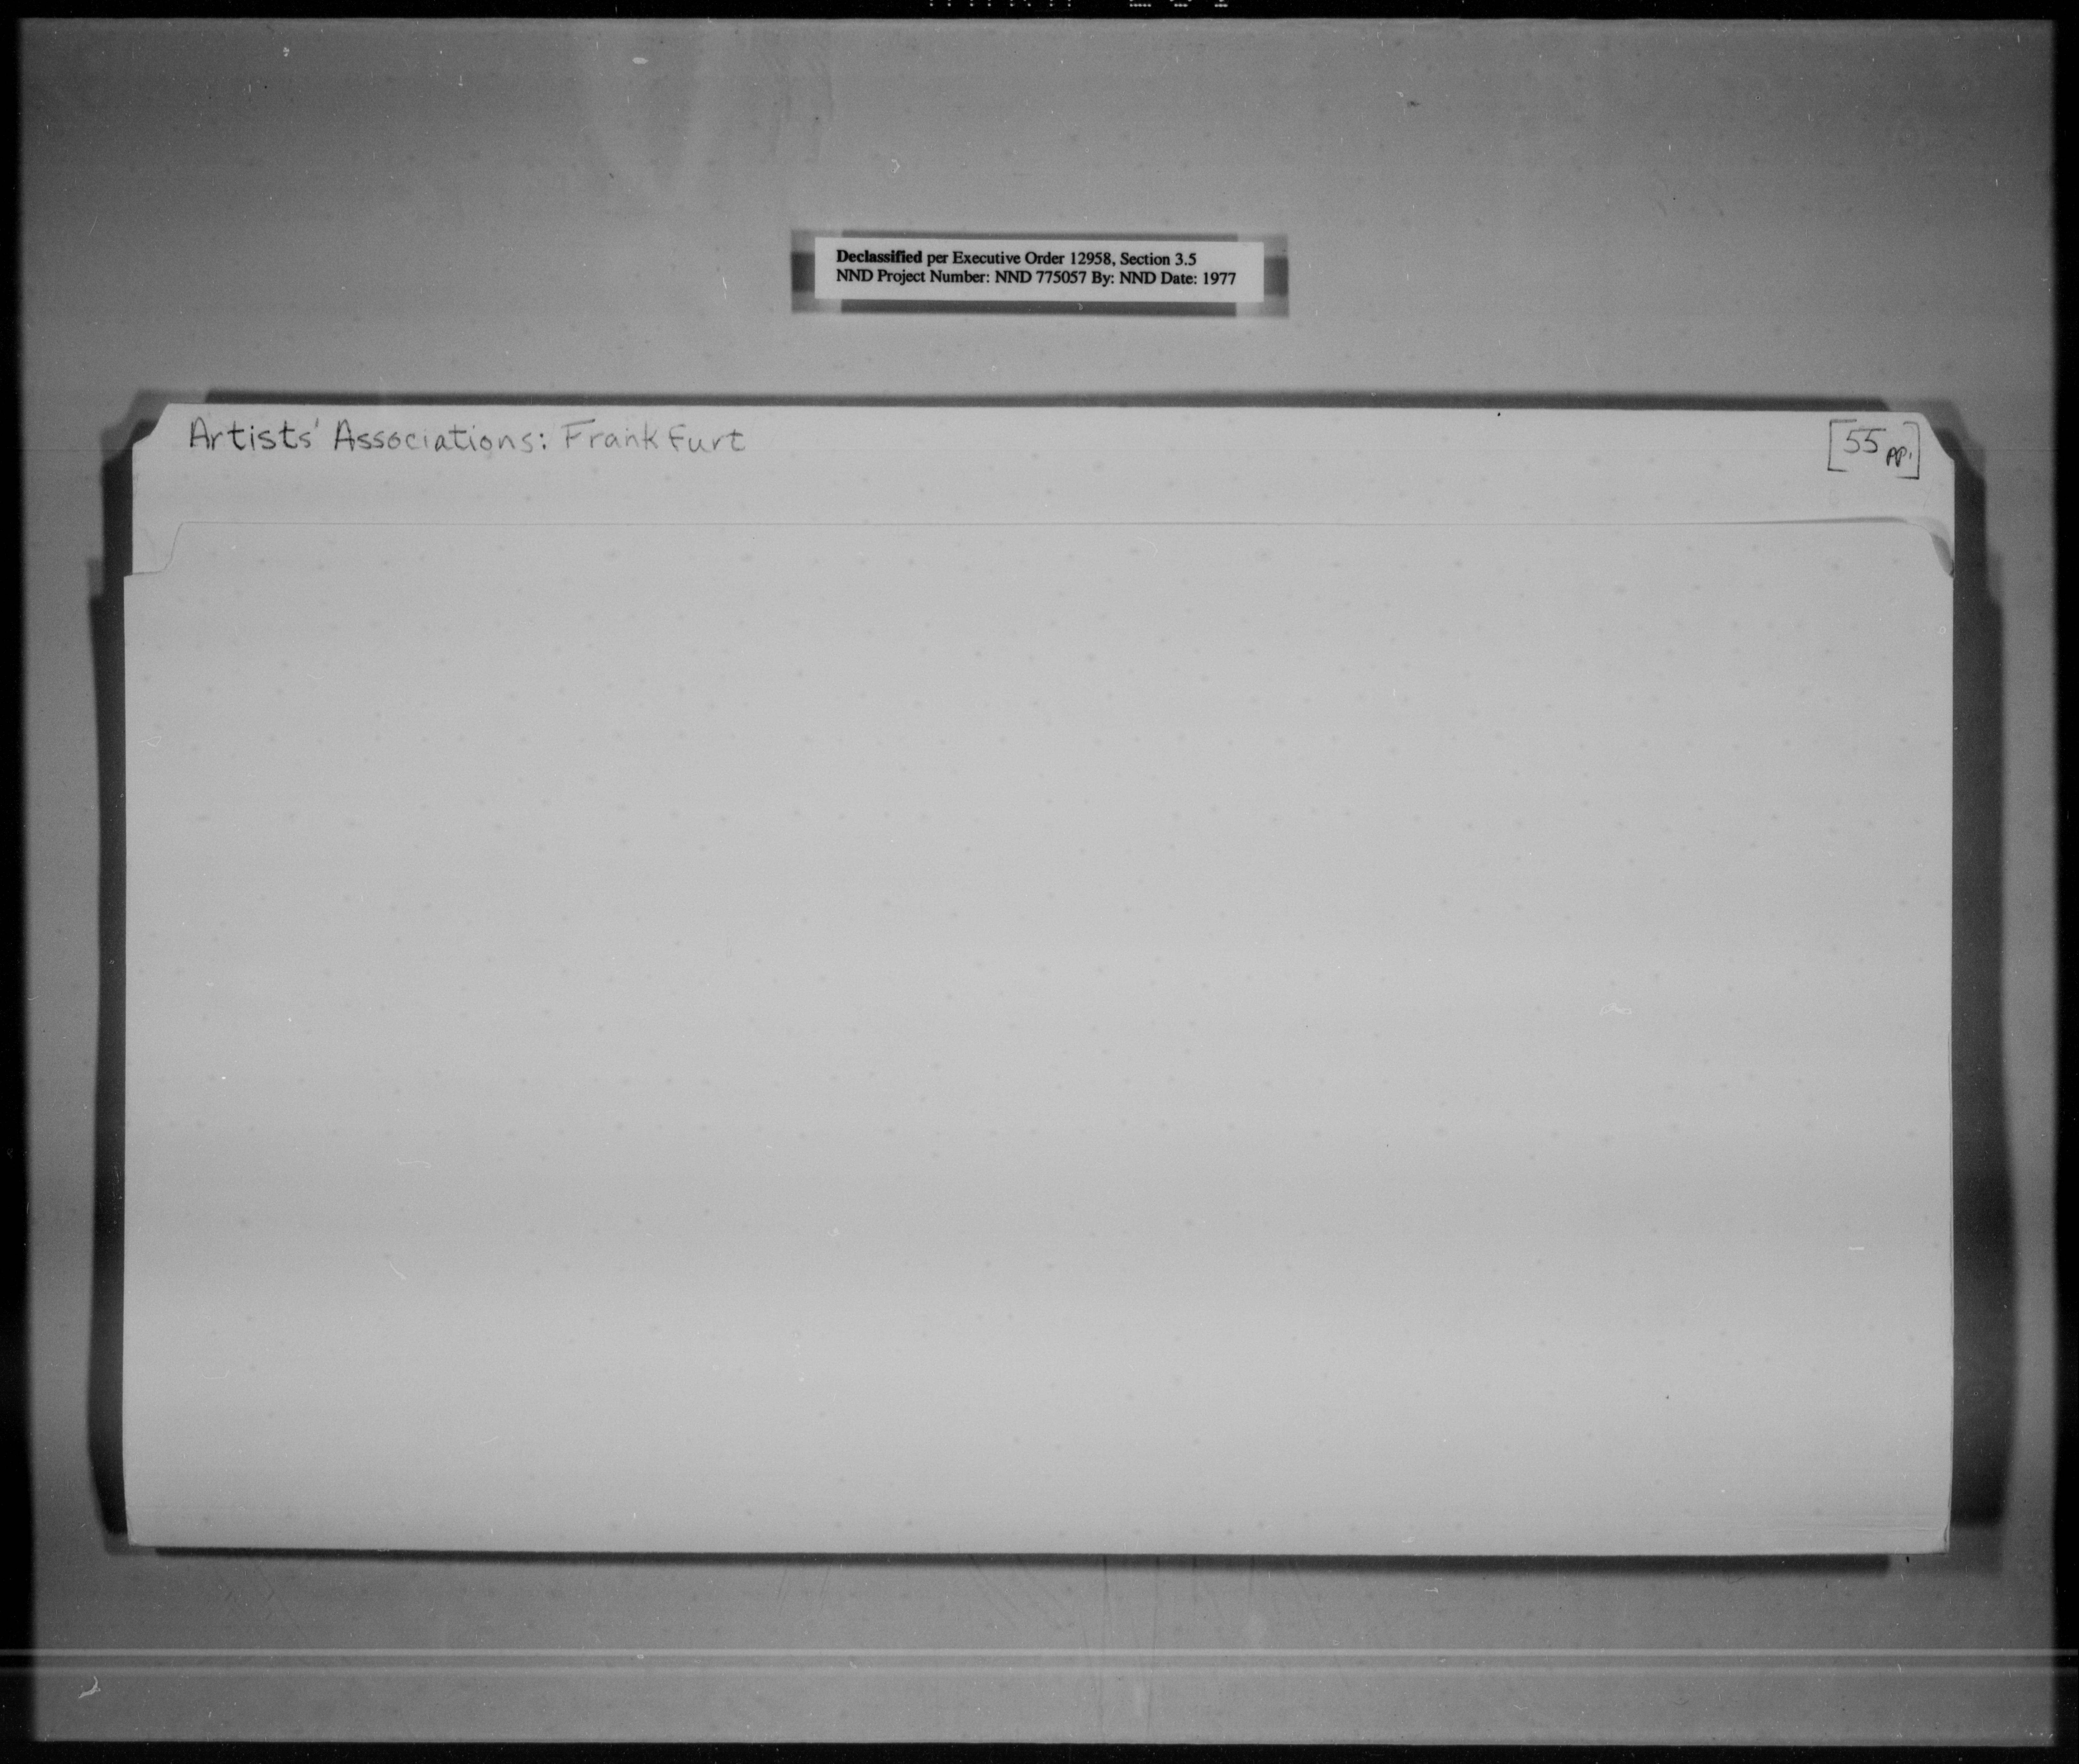 Artists' Associations: Frankfurt